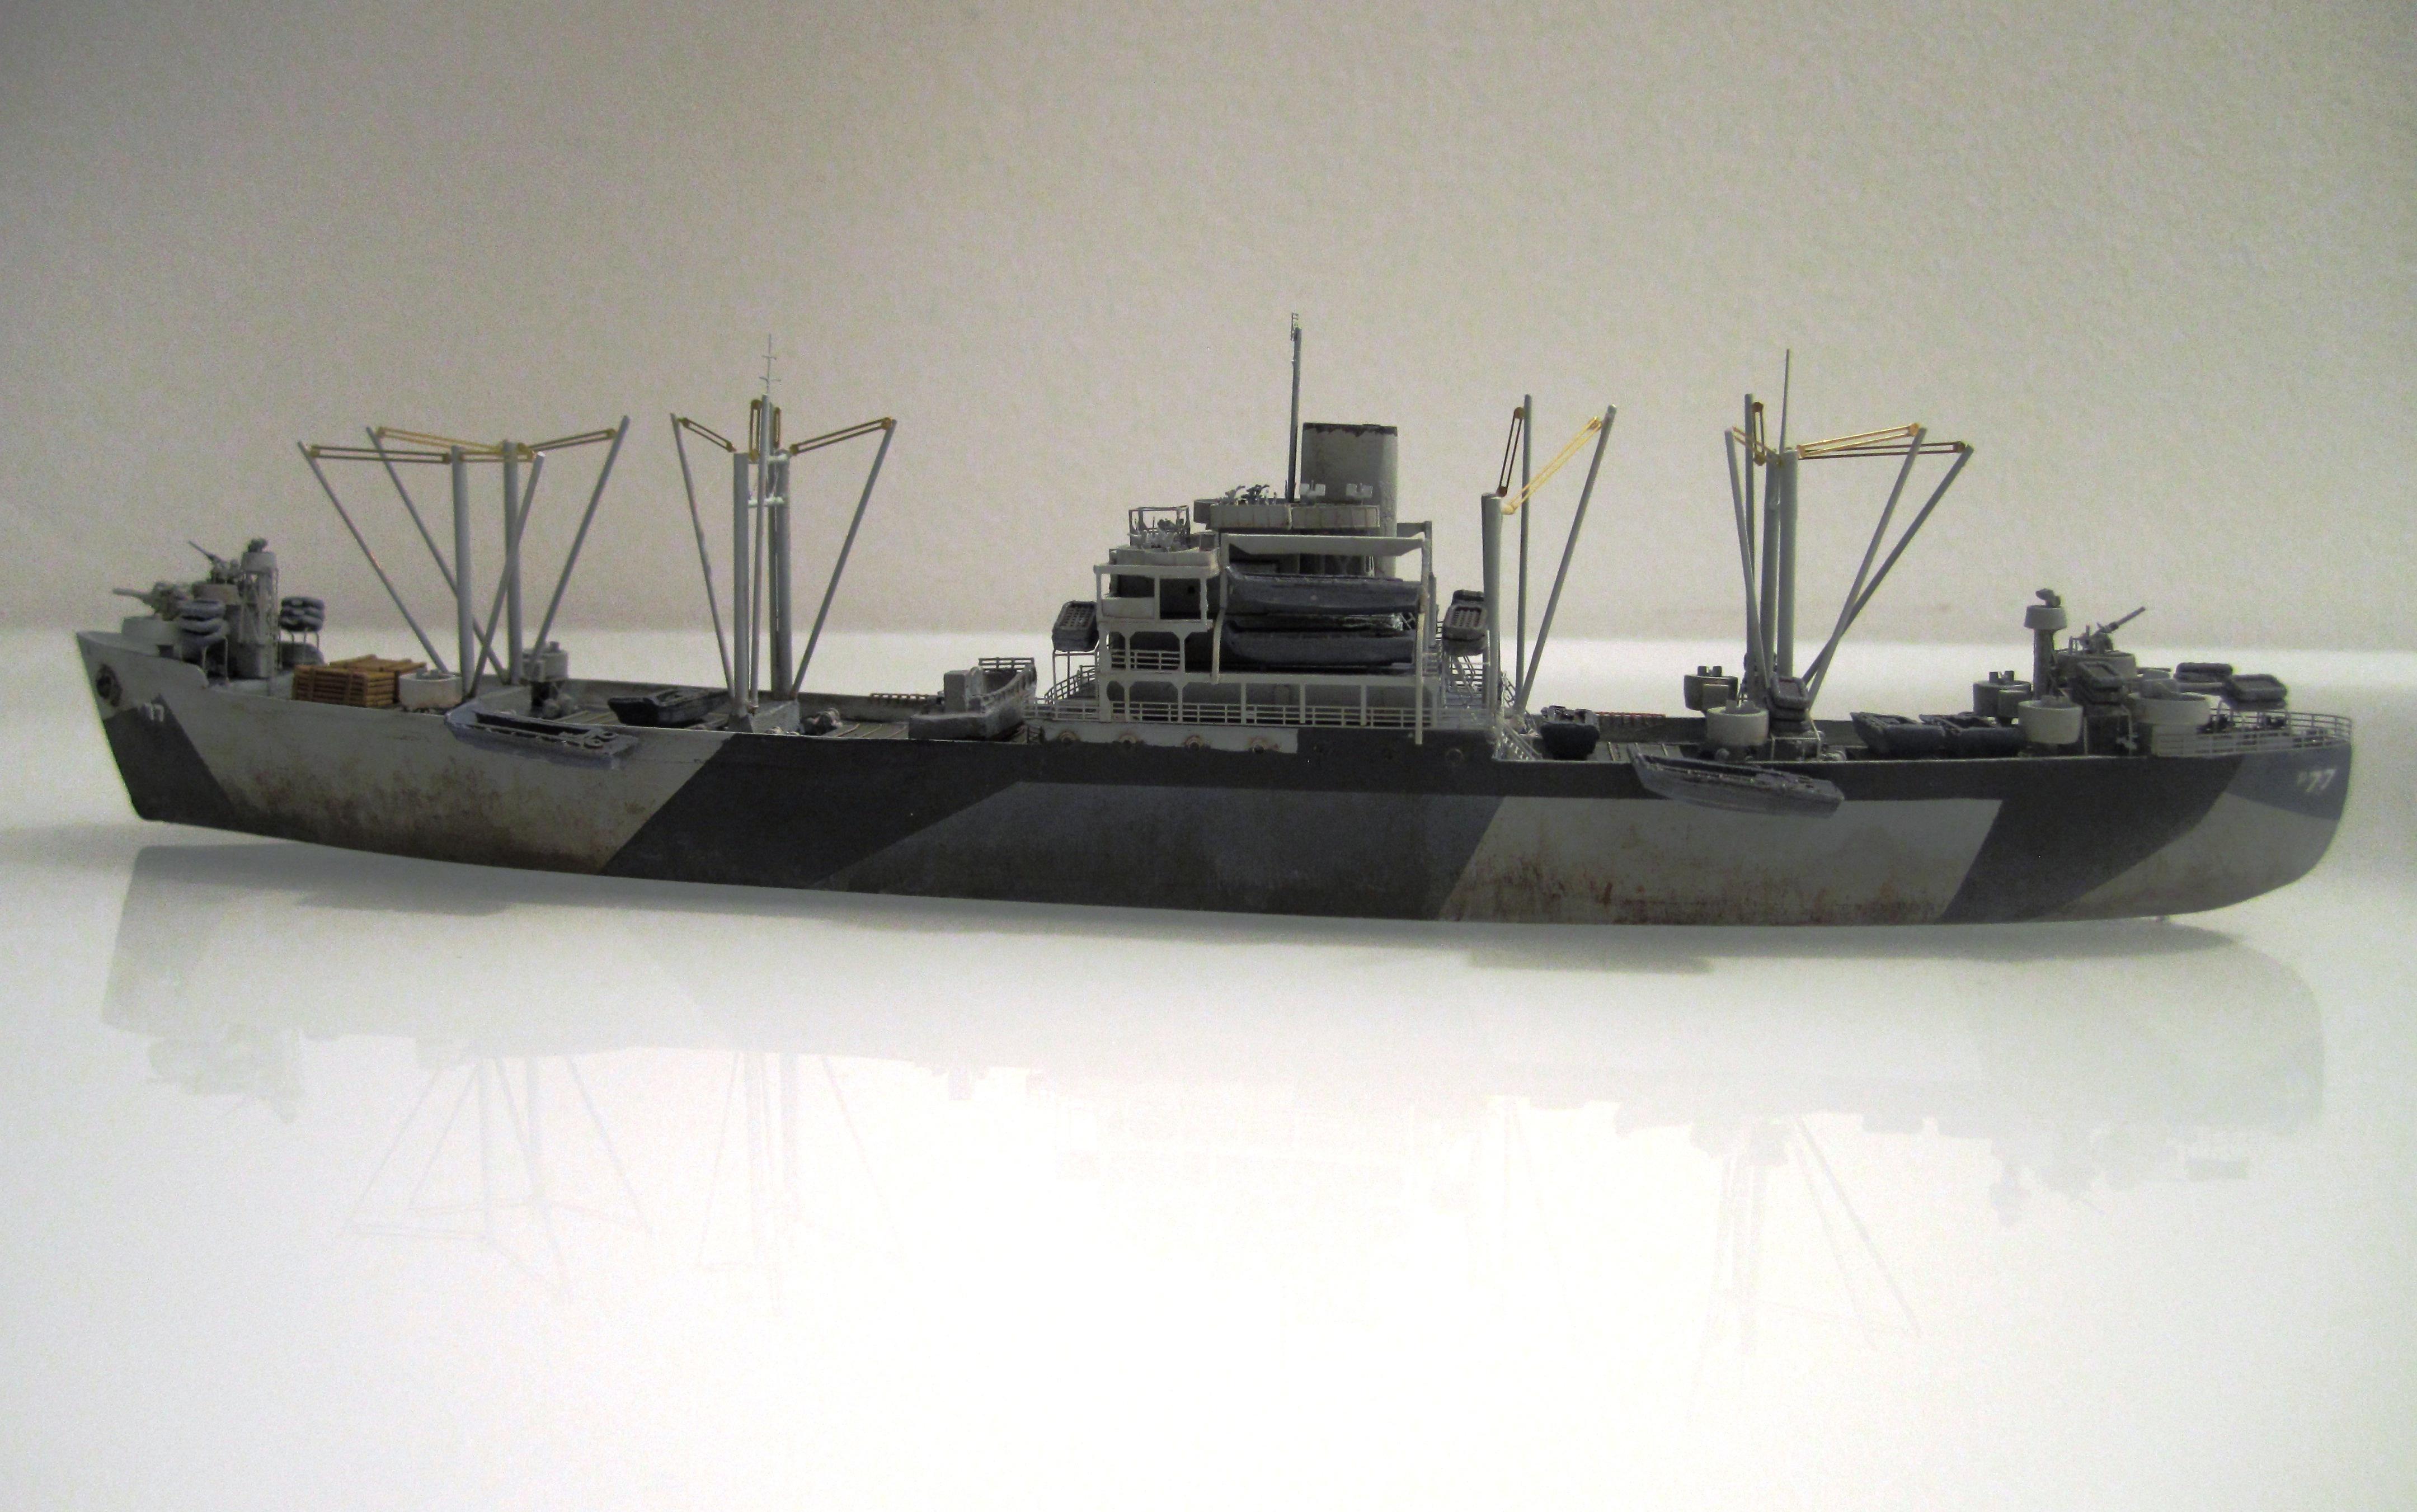 USS Thurston 1/700 à partir du kit Armerican scout de Loose cannon WqJZsE8Sb